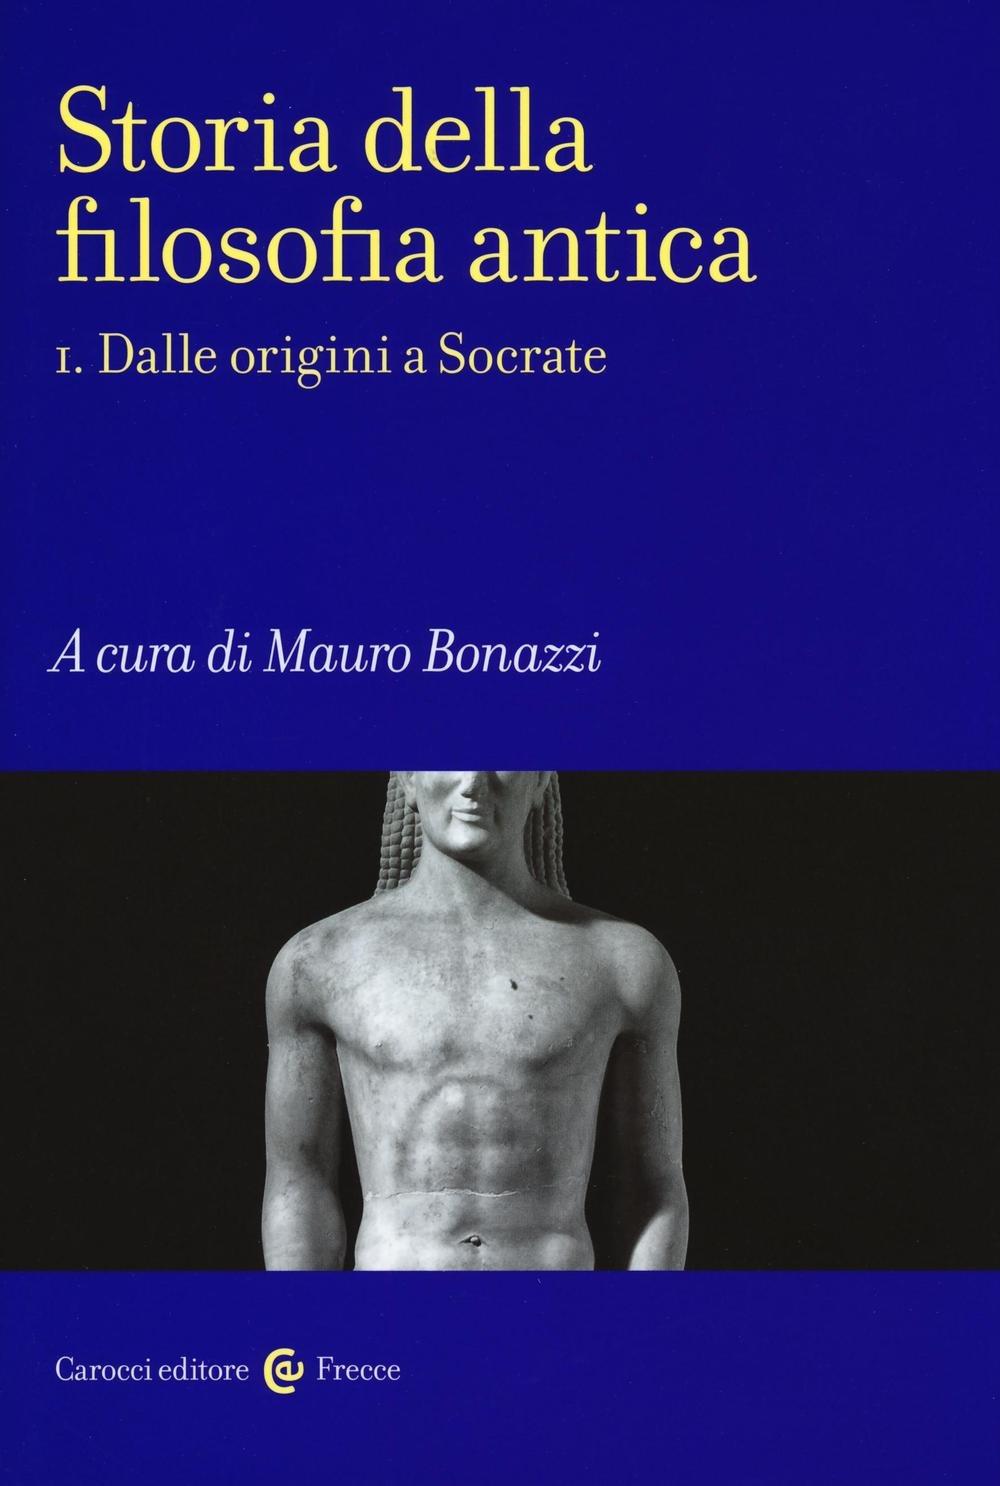 Storia della filosofia antica. Vol. 1: Dalle origini a Socrate.